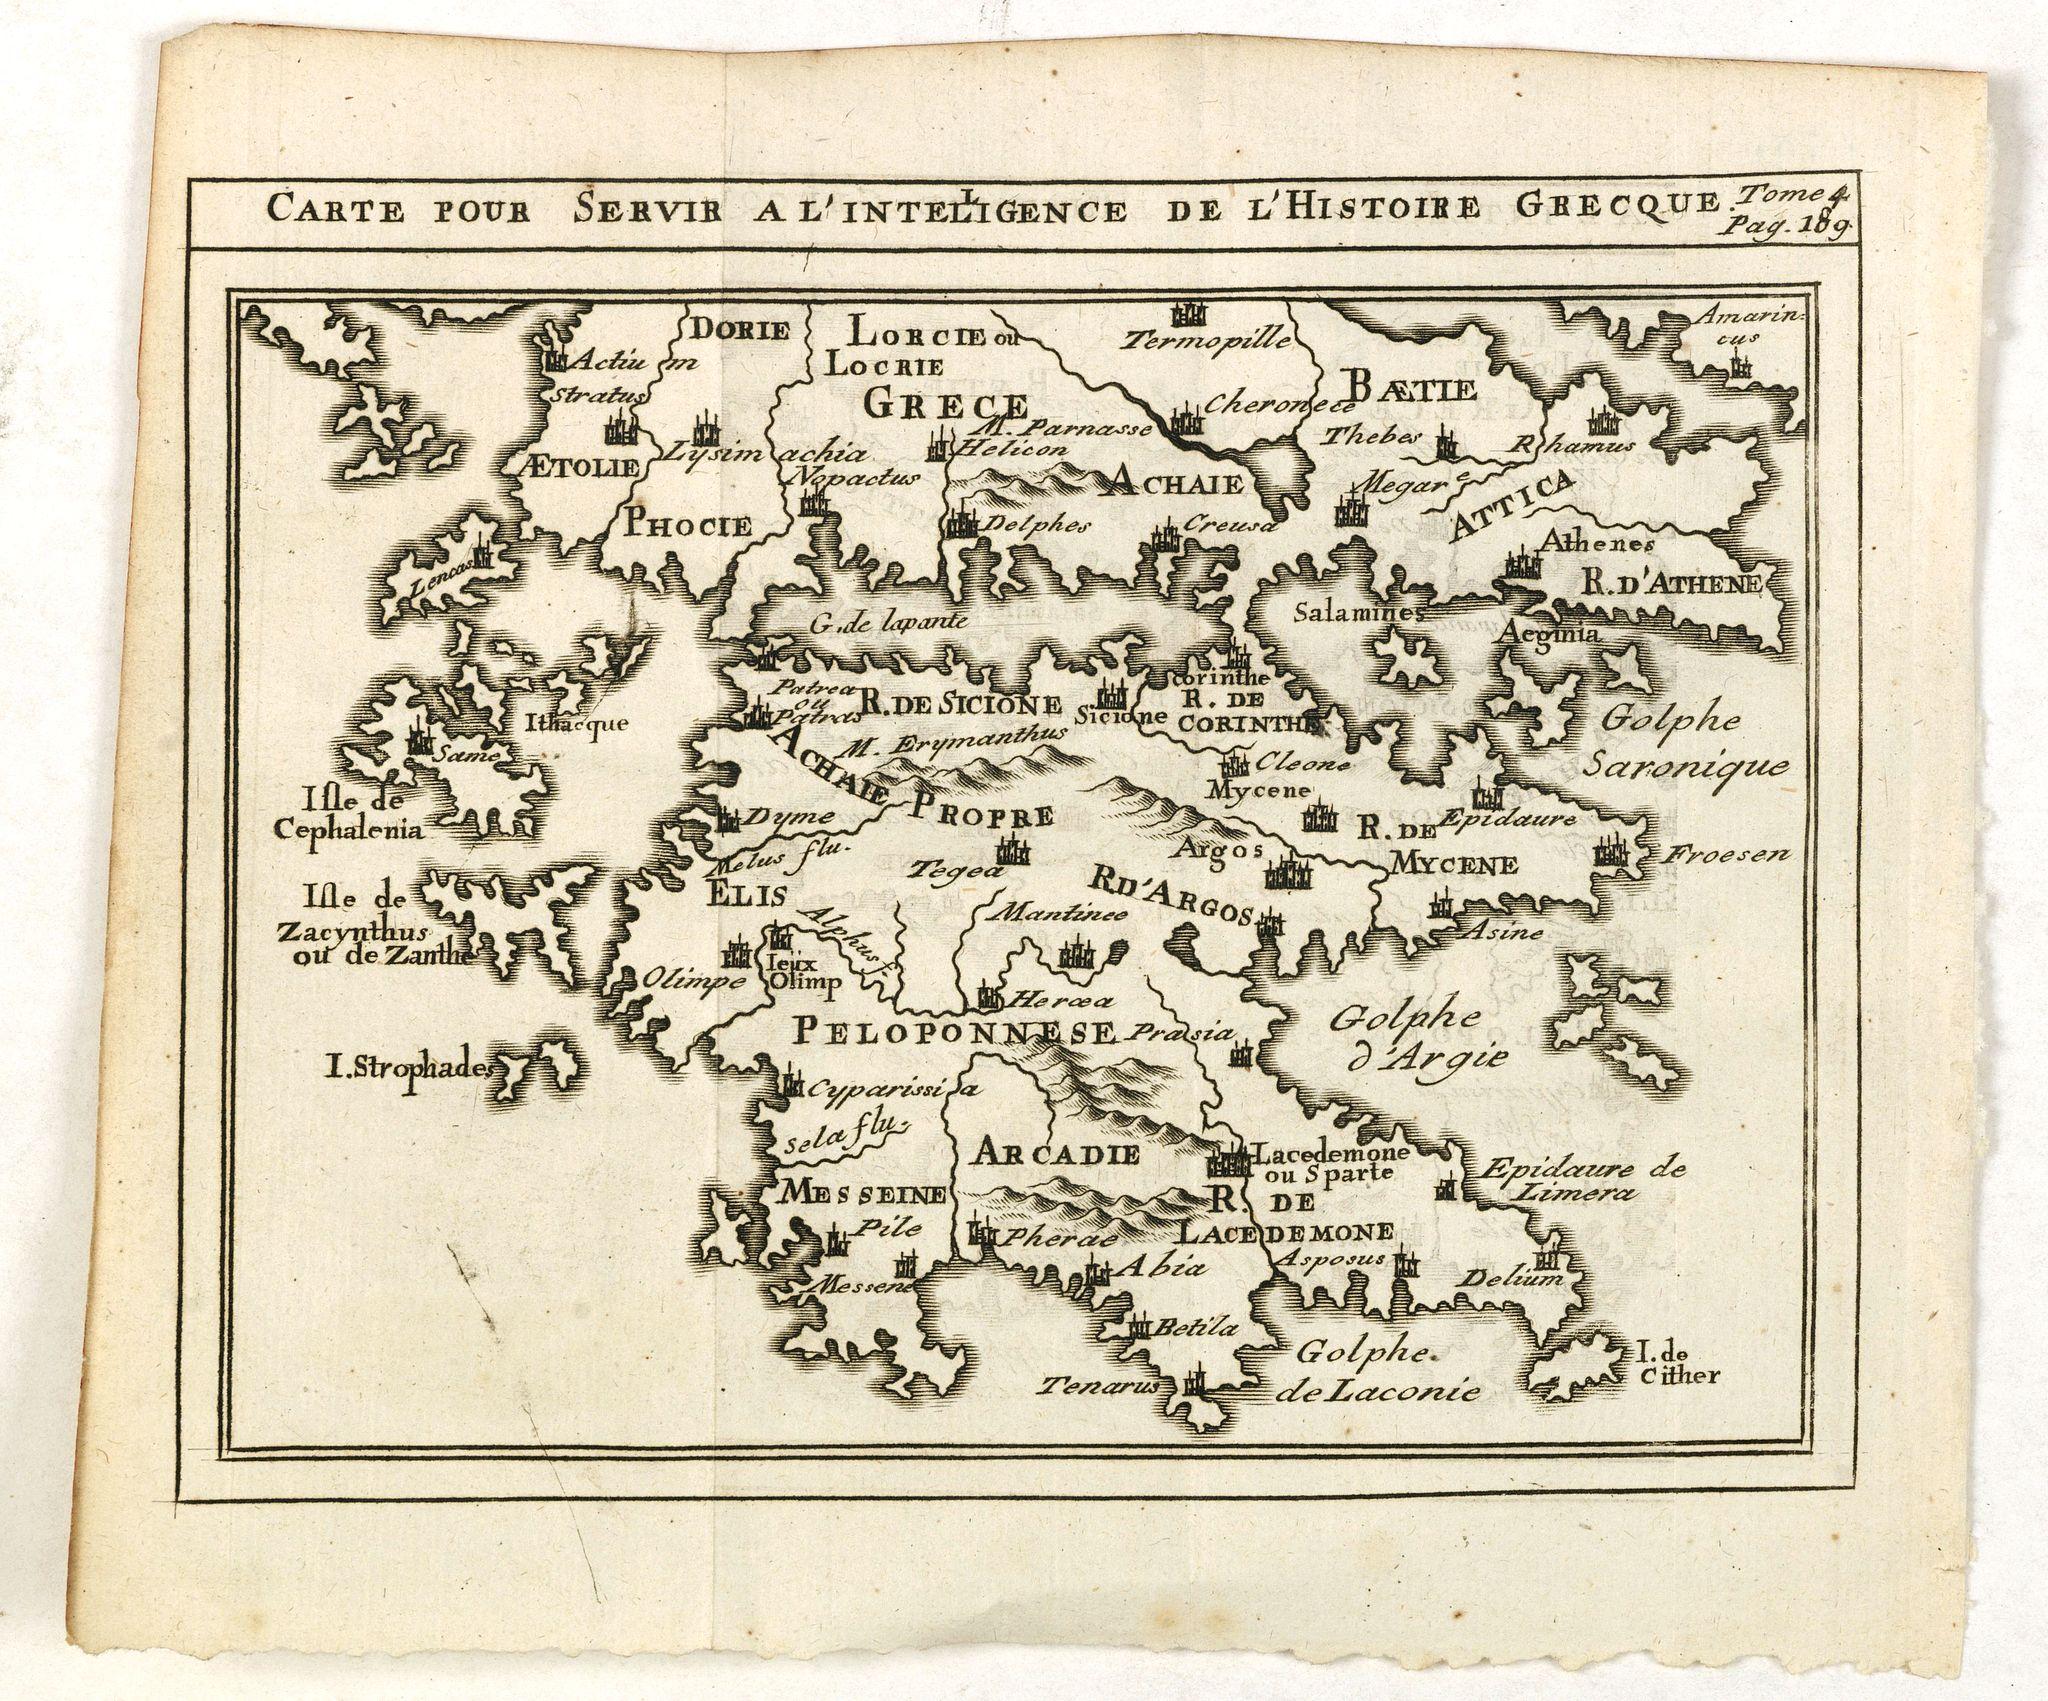 DELISLE, G. after -  Carte pour servir a l'intelligence de l'histoire Grecque.